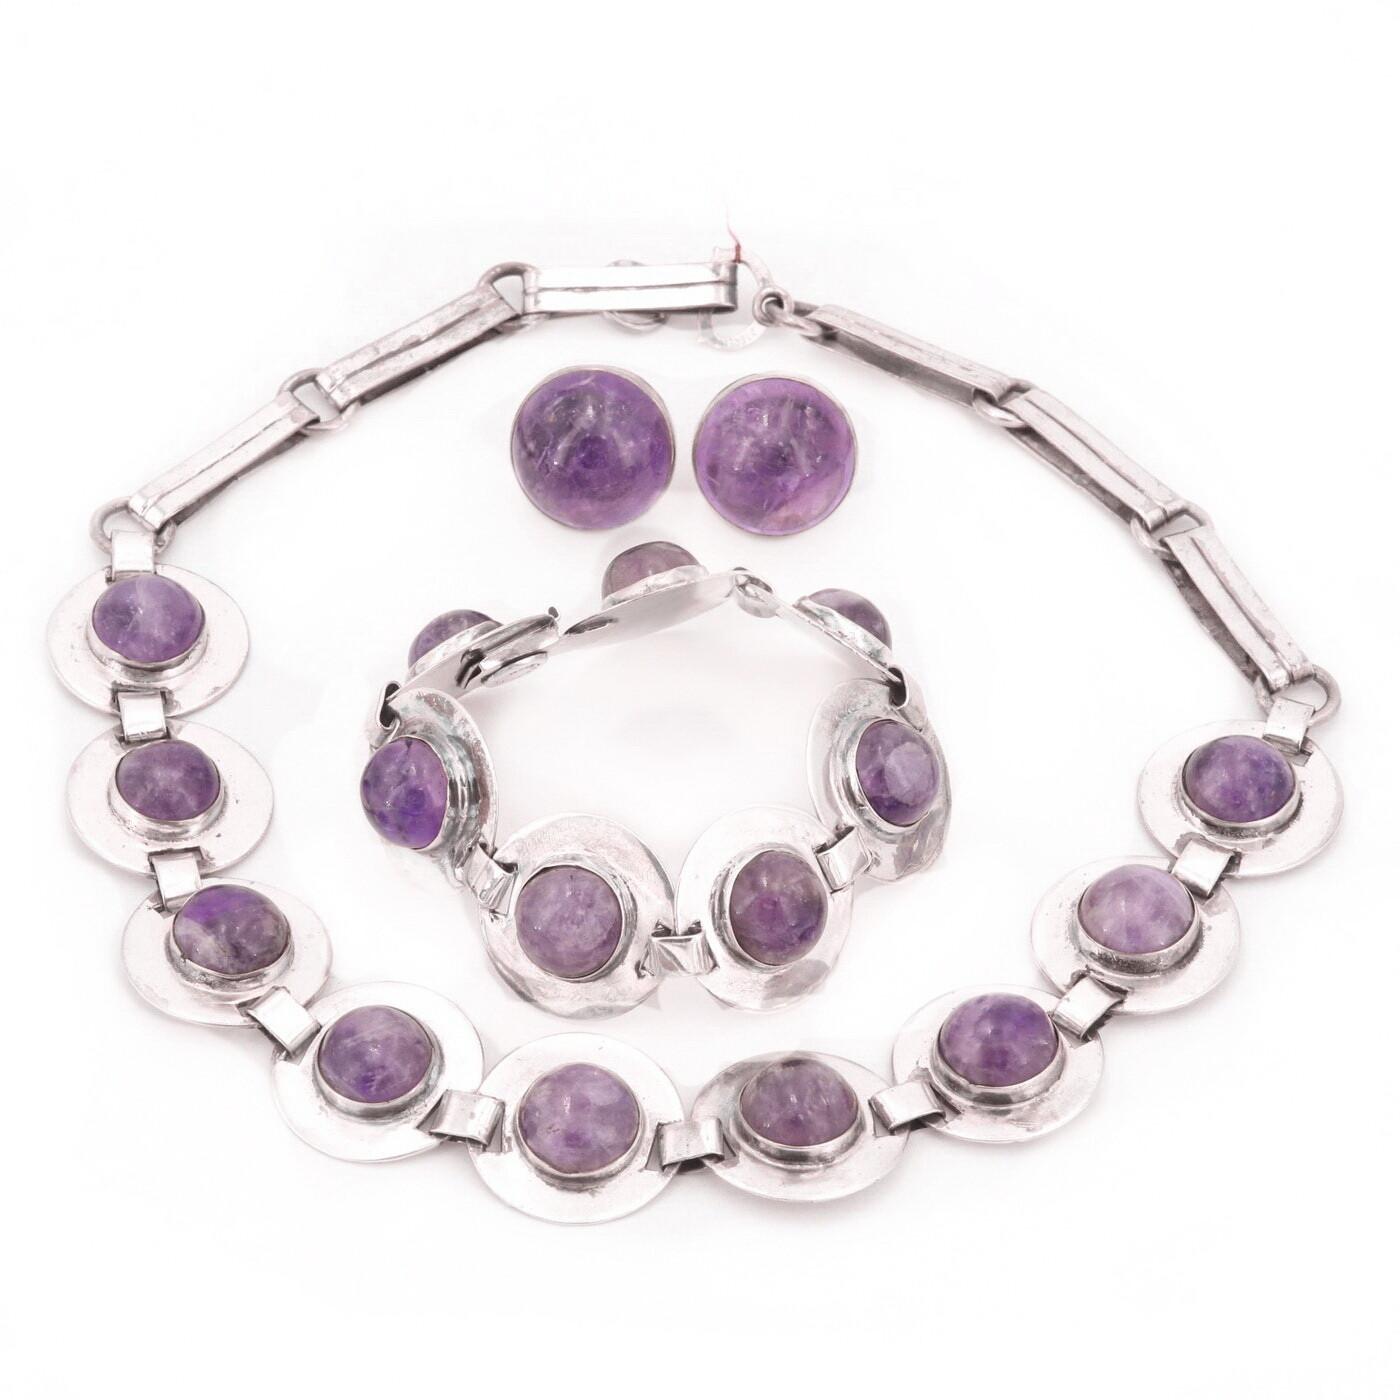 3 Pc Taxco Amethyst Silver Necklace Bracelet Earrings Parure